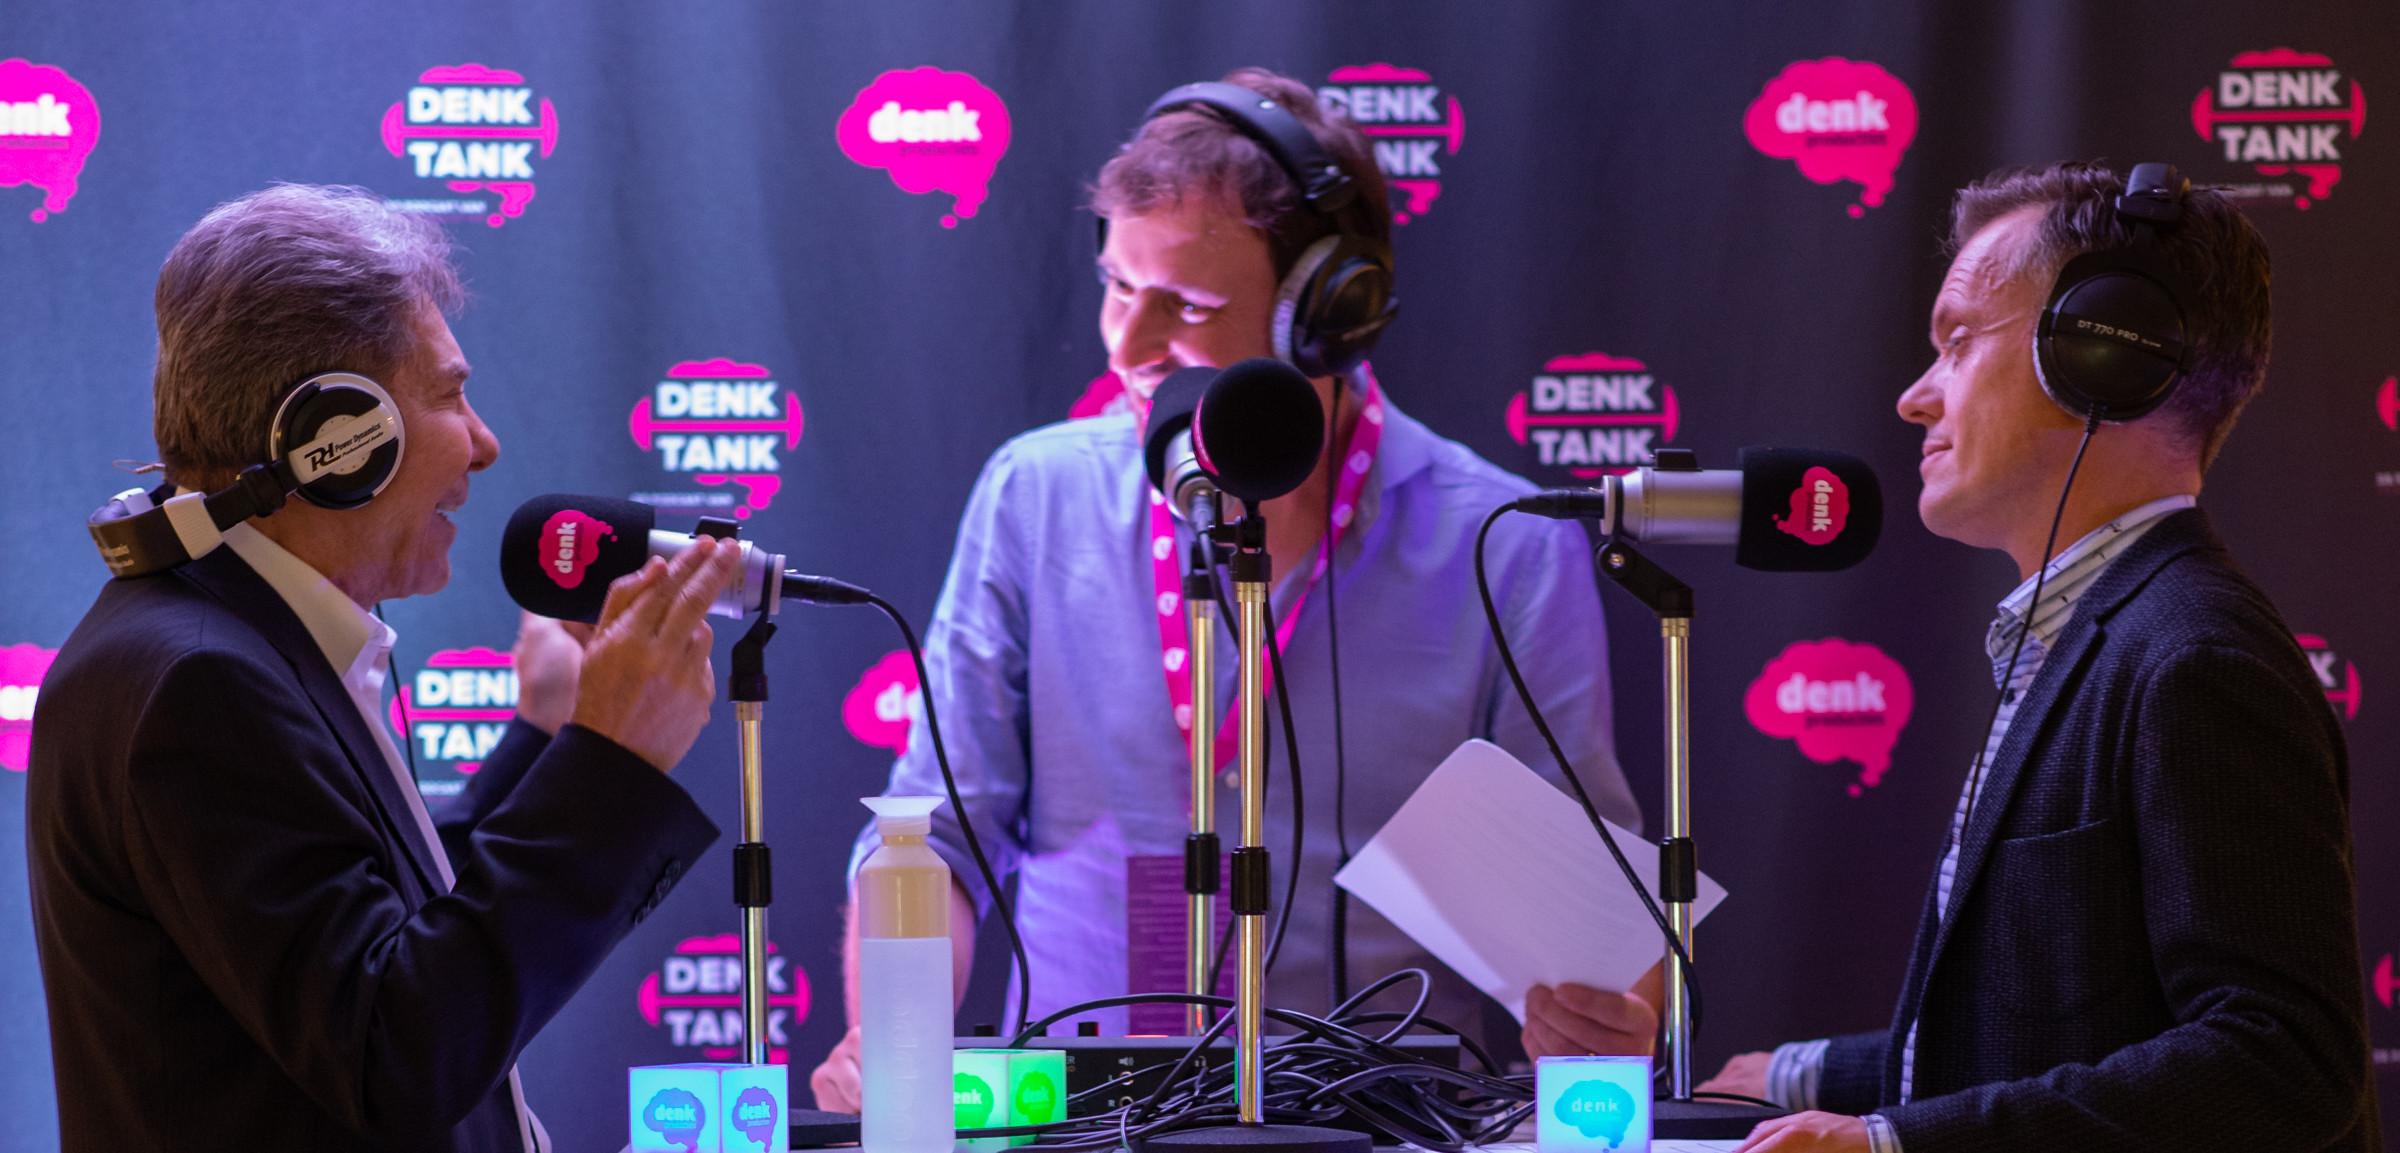 DenkTank #2 podcast met Robert Cialdini